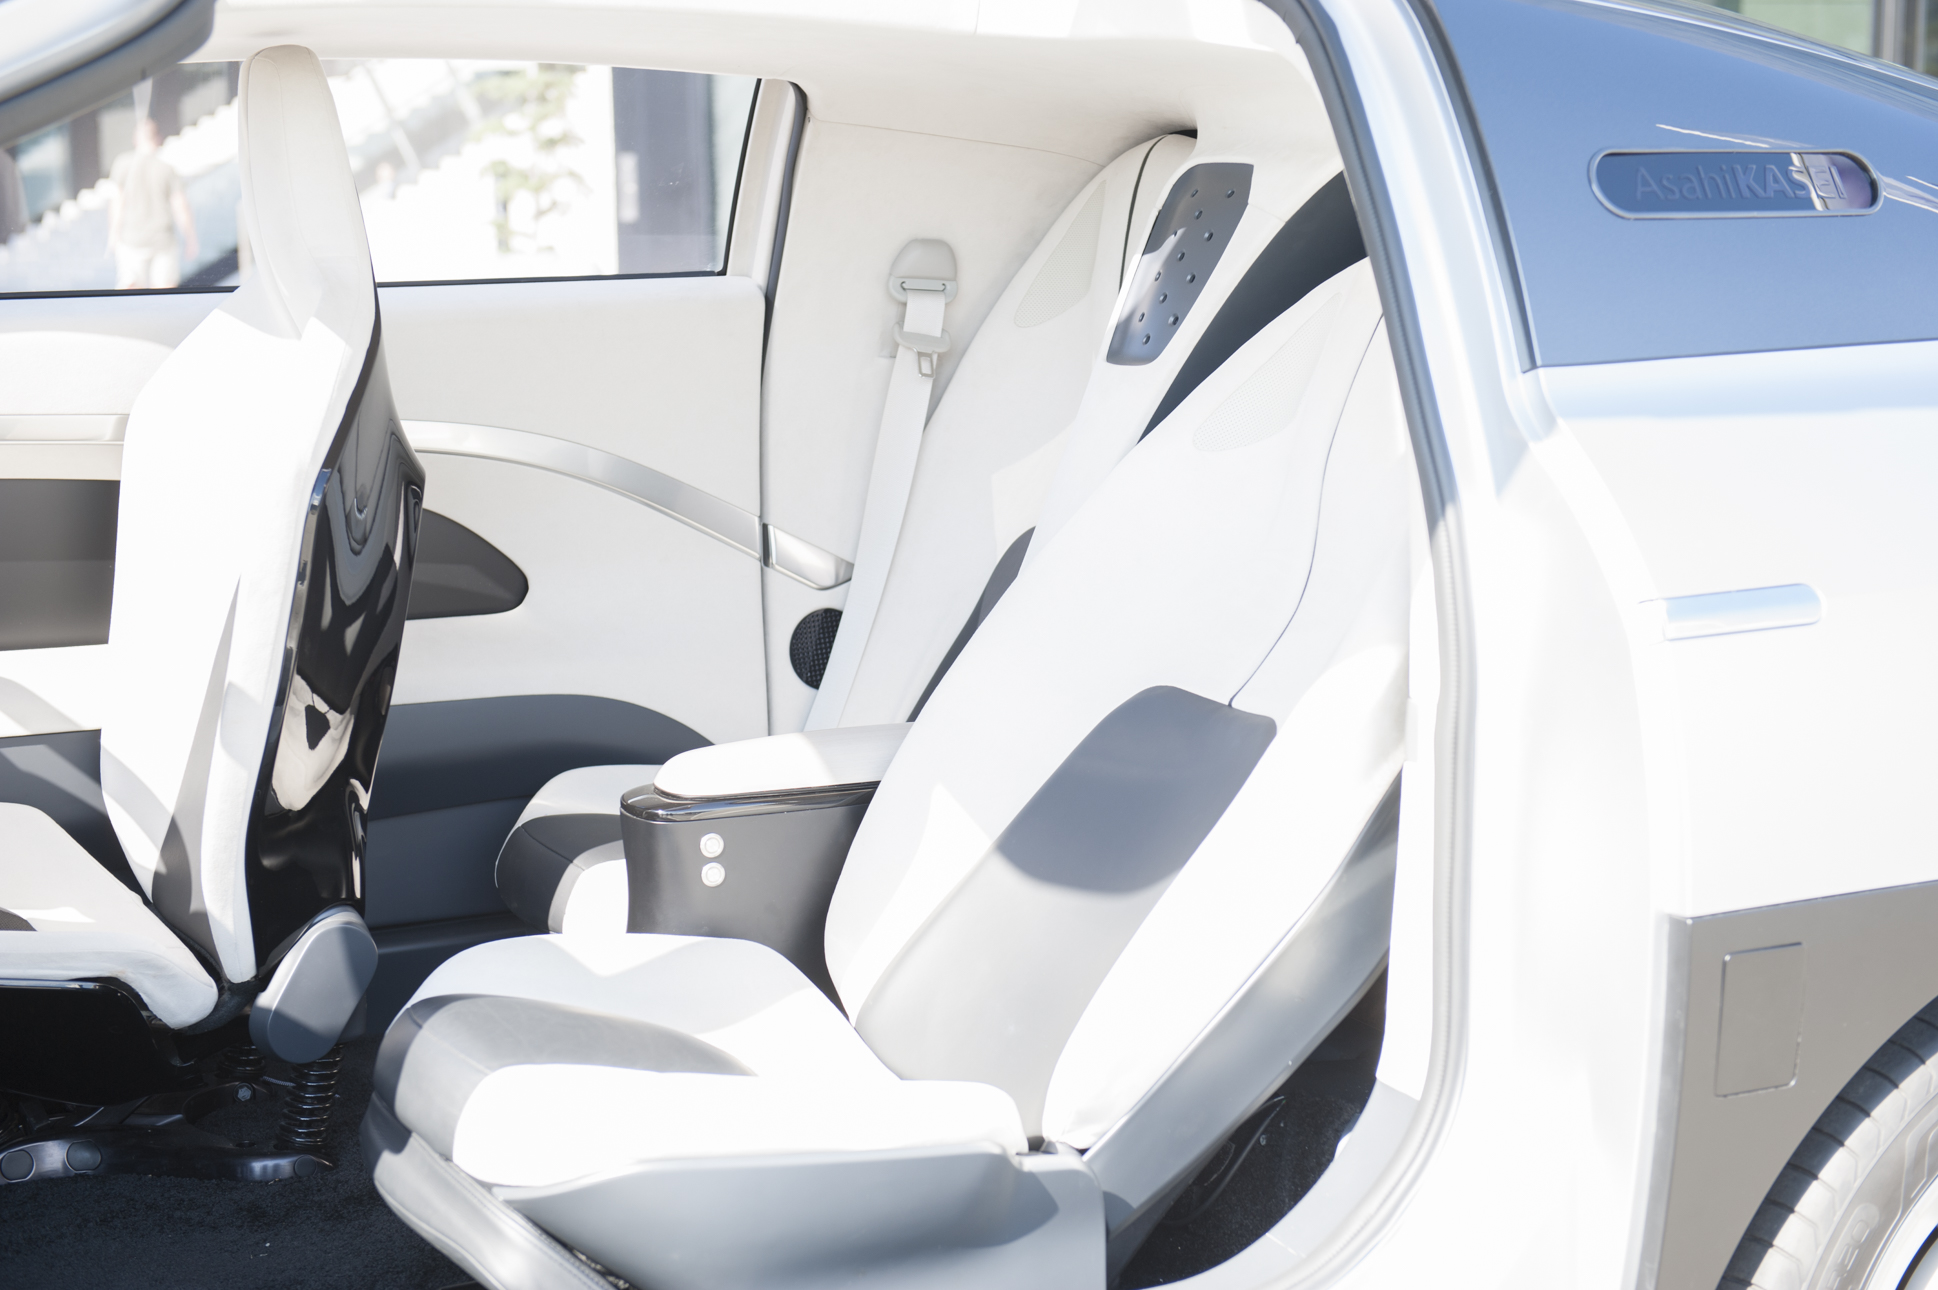 """Nicht einfach nur leicht – Kunst- und Schaumstoffe tragen zum zukünftigen Lebensraum """"Auto"""" bei"""